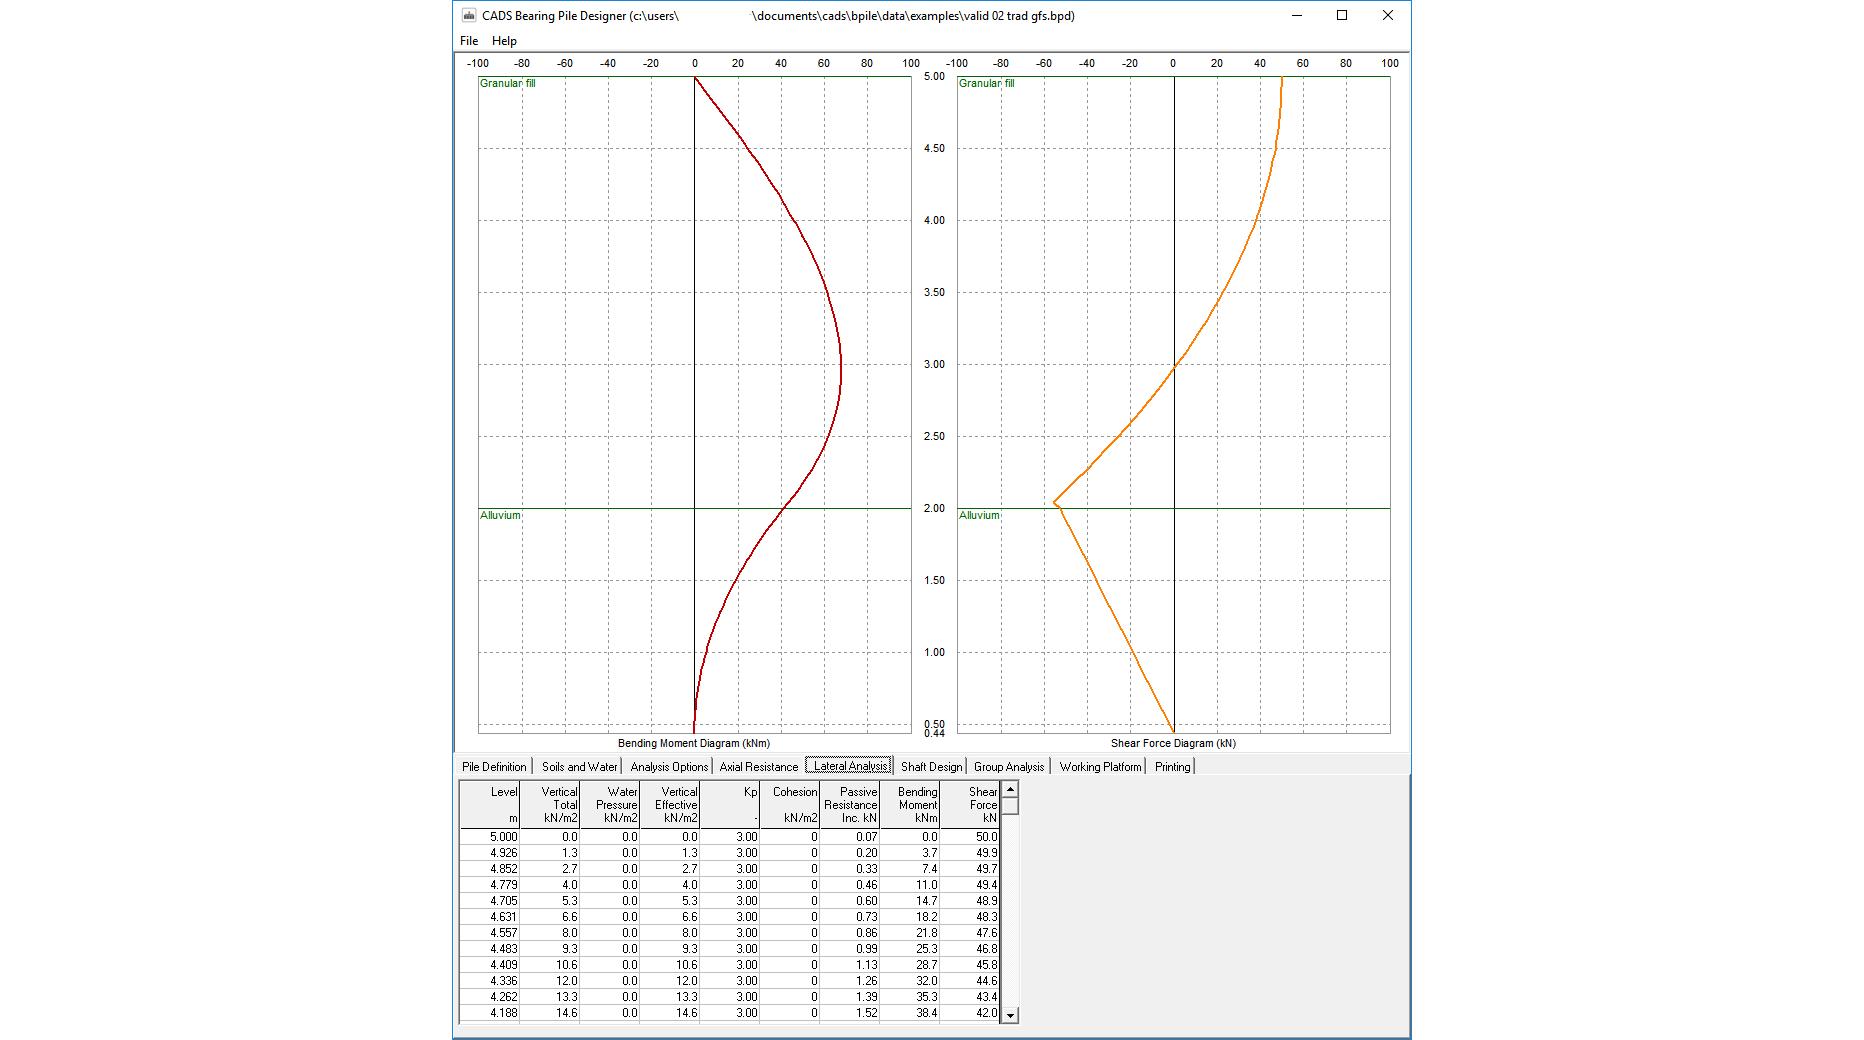 Bearing pile analysis results